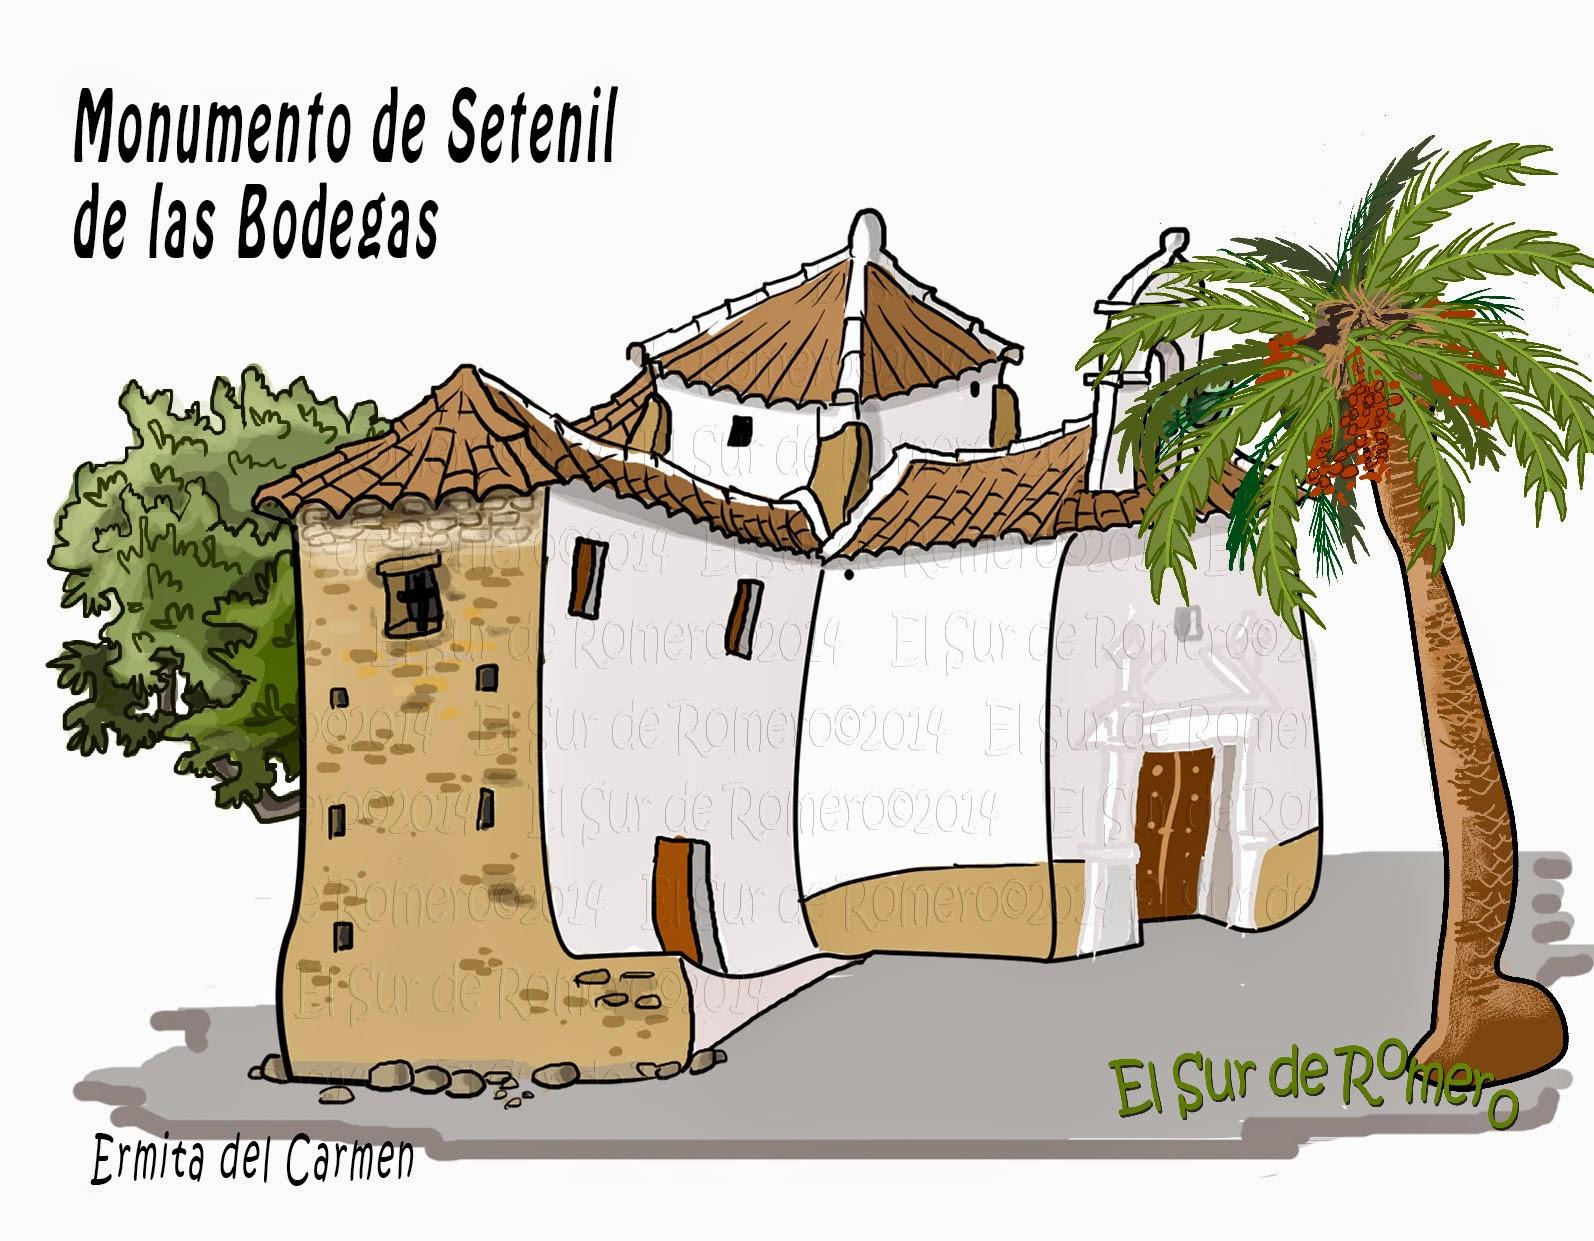 """<img src=""""Ermita del Carmen.jpg"""" alt=""""dibujos de Setenil""""/>"""